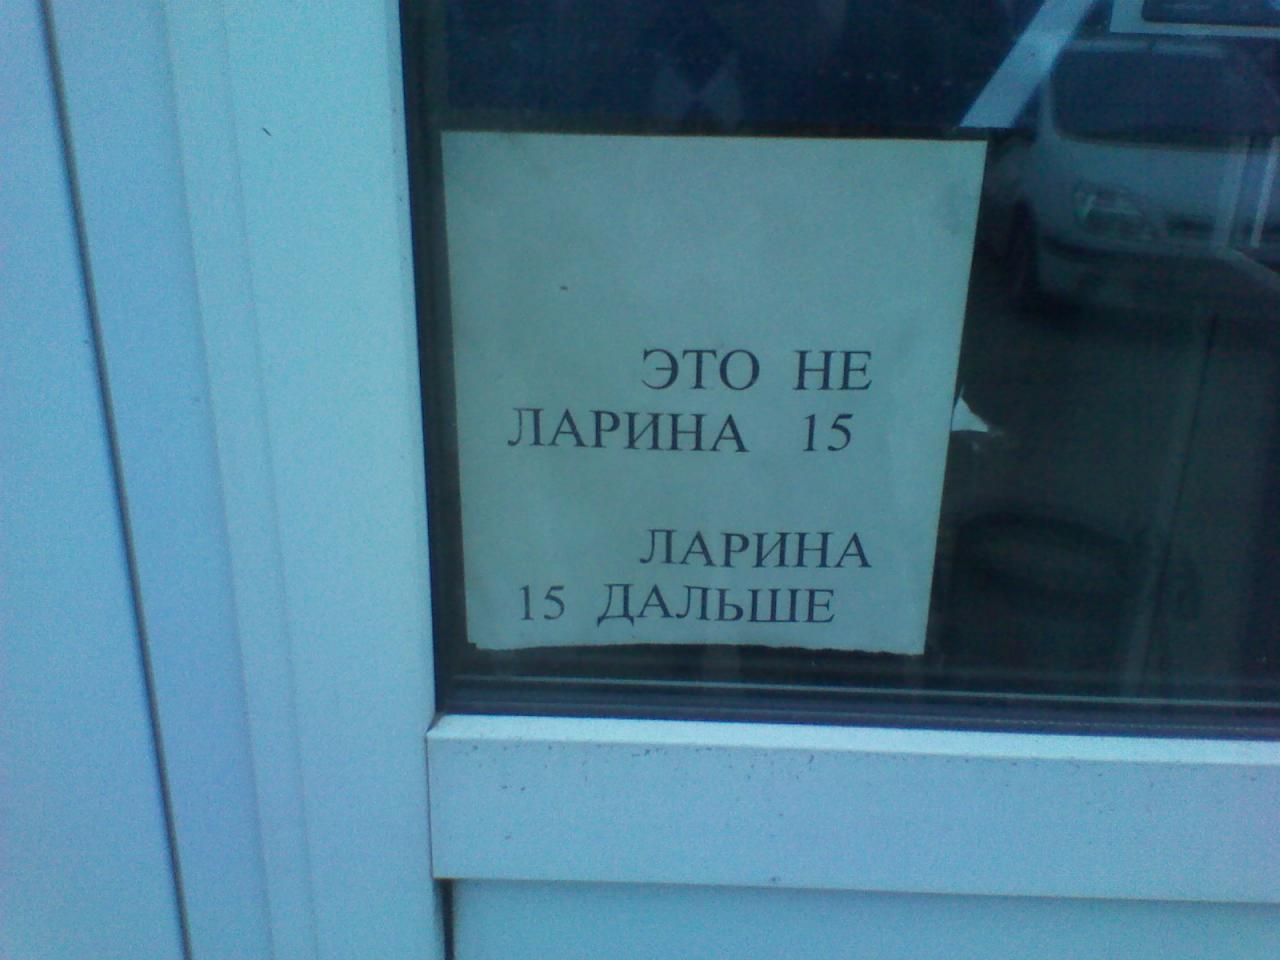 Магазин прикольных футболок в Новгороде